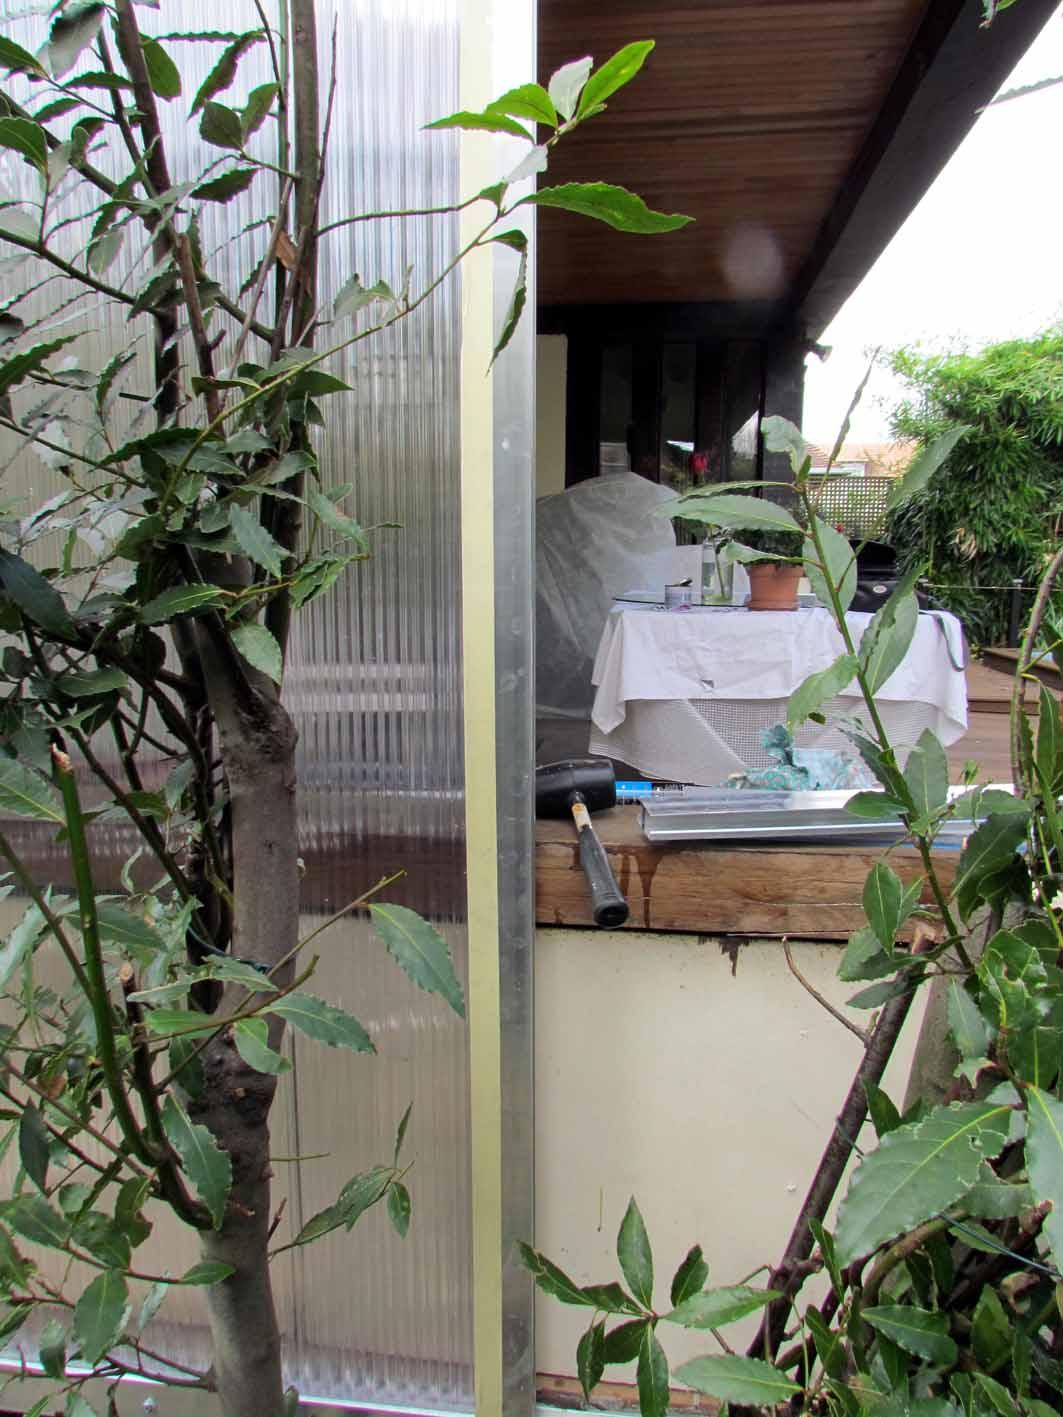 Fermeture D'Un Côté De Terrasse Couverte | Au Jardin De Mo ... tout Fermer Un Cote De Terrasse